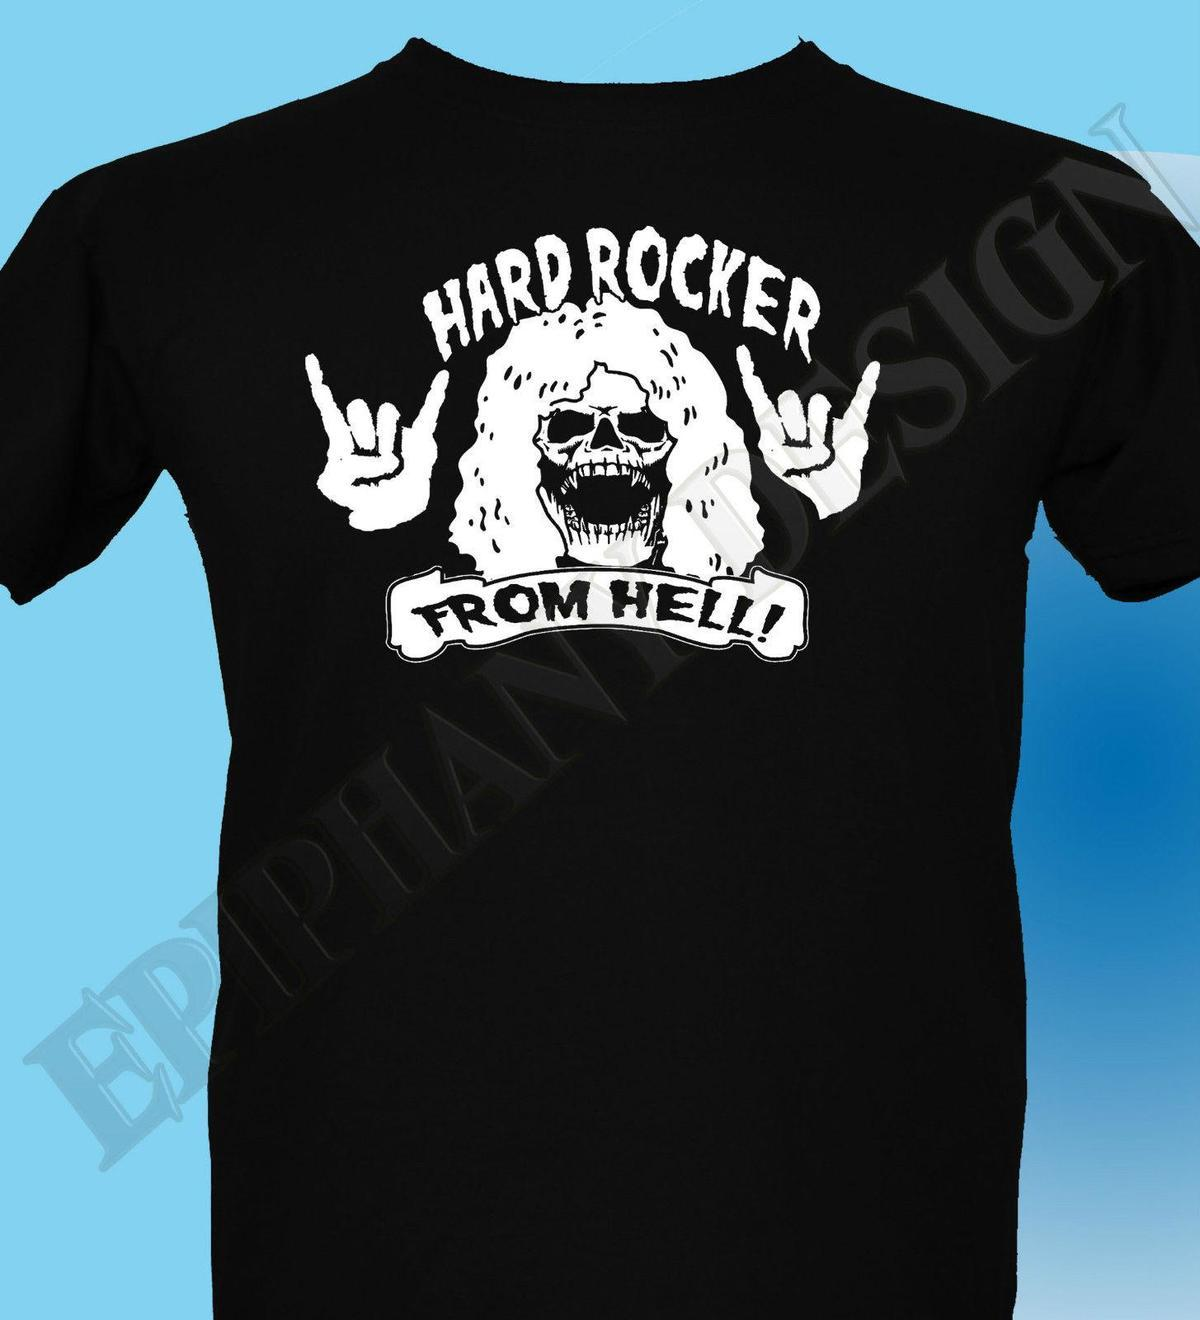 super popular 1c58b da269 Harte ROCKER from Hell Herren T-Shirt 3XL 4XL 5XL 70's Jahre Heavy Metal